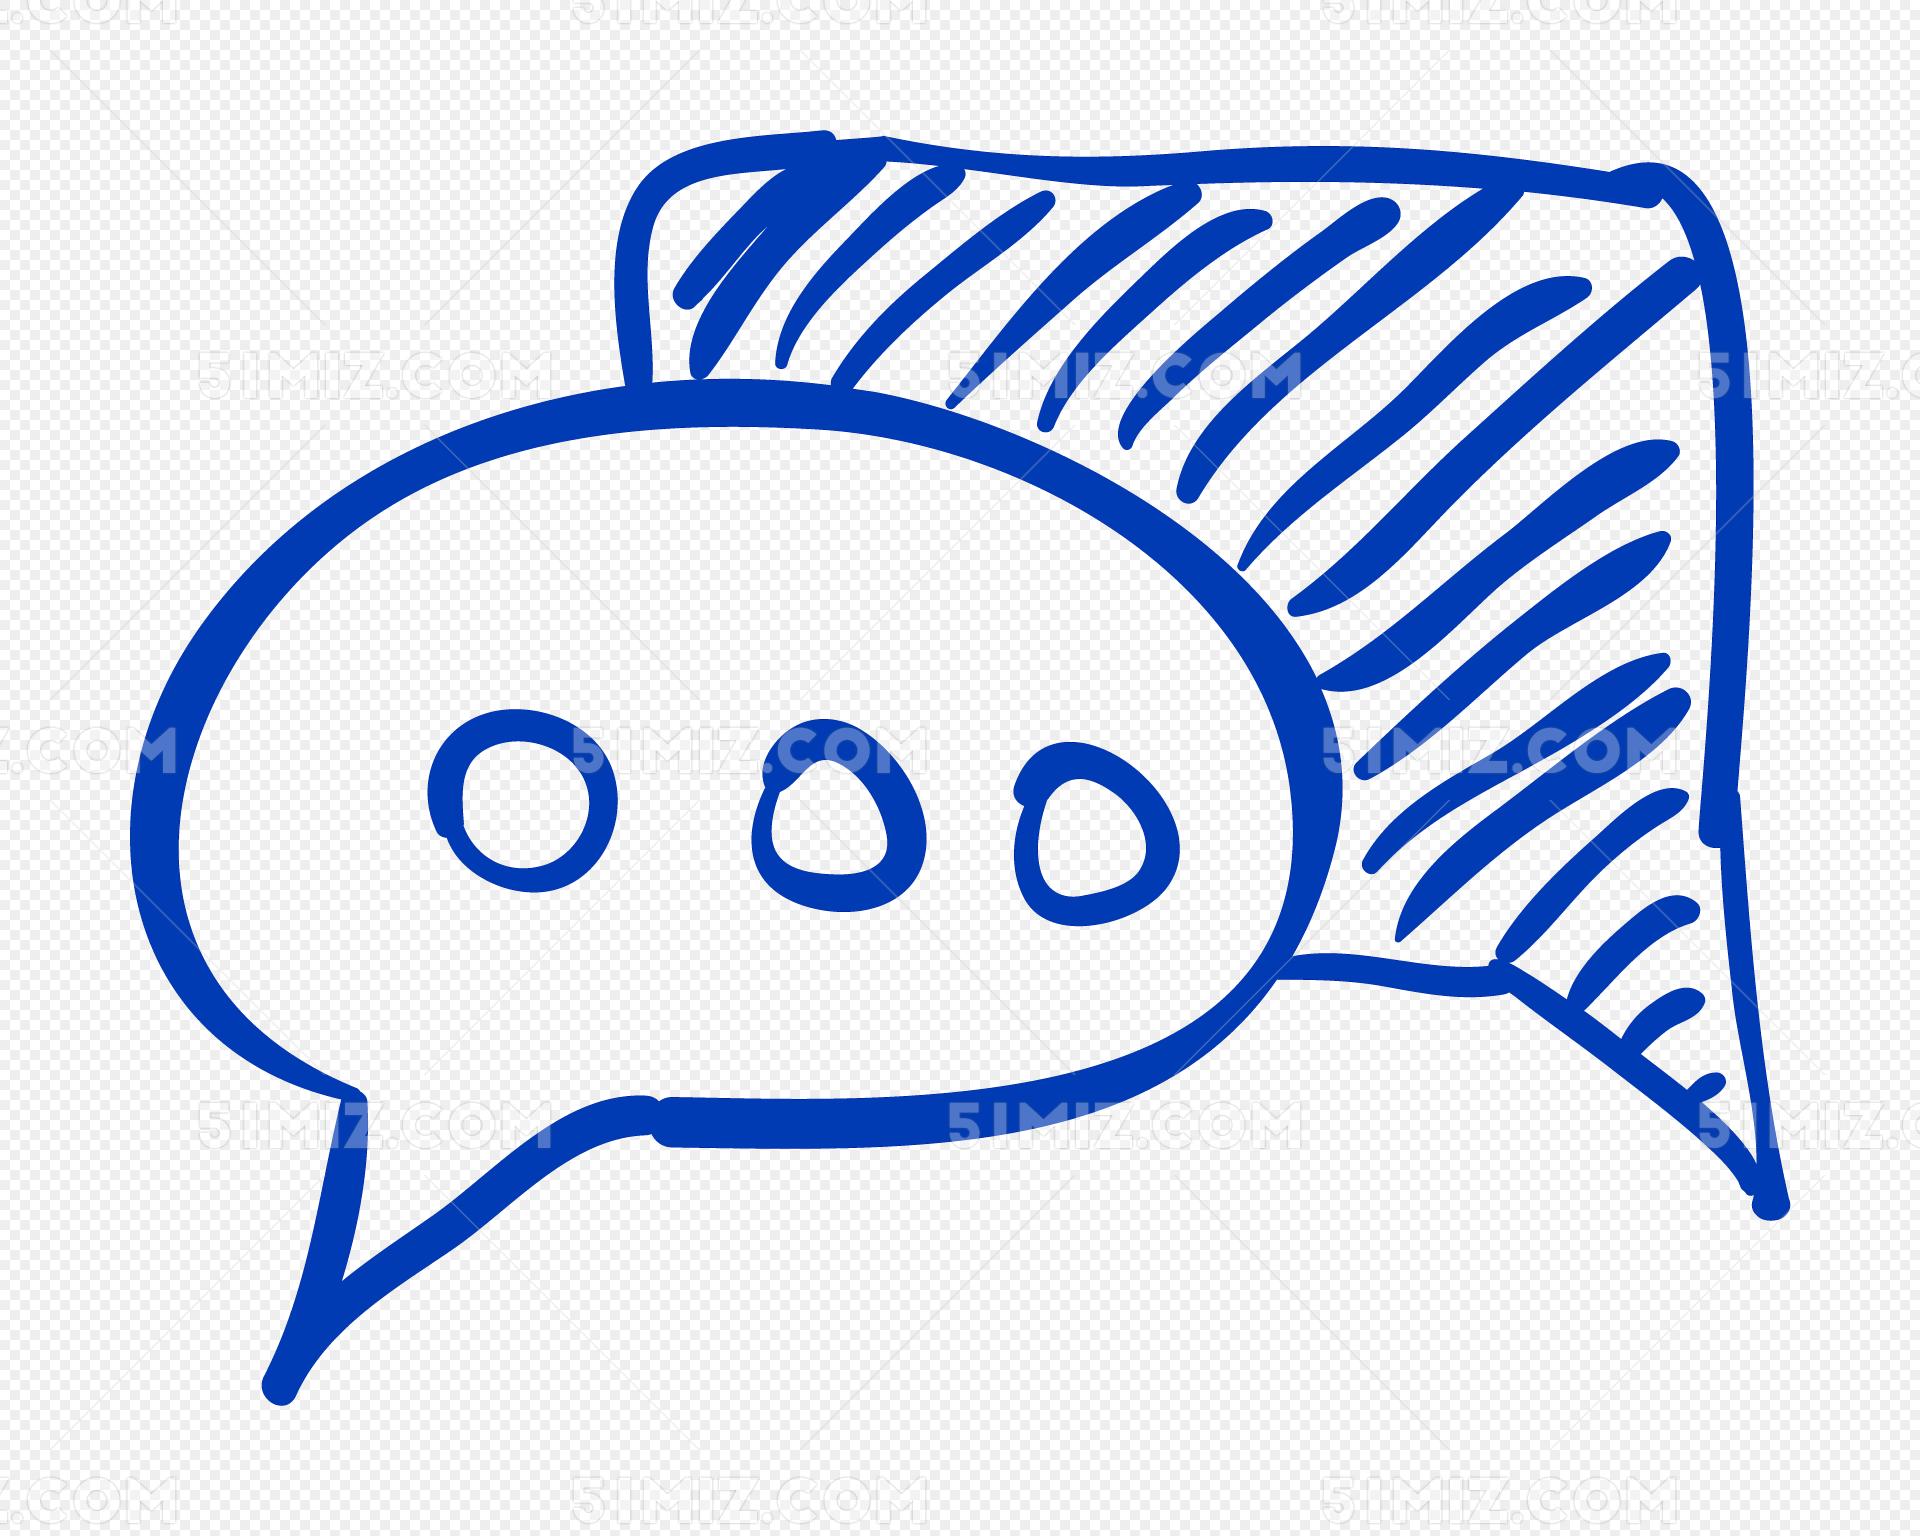 蓝色手绘对话框